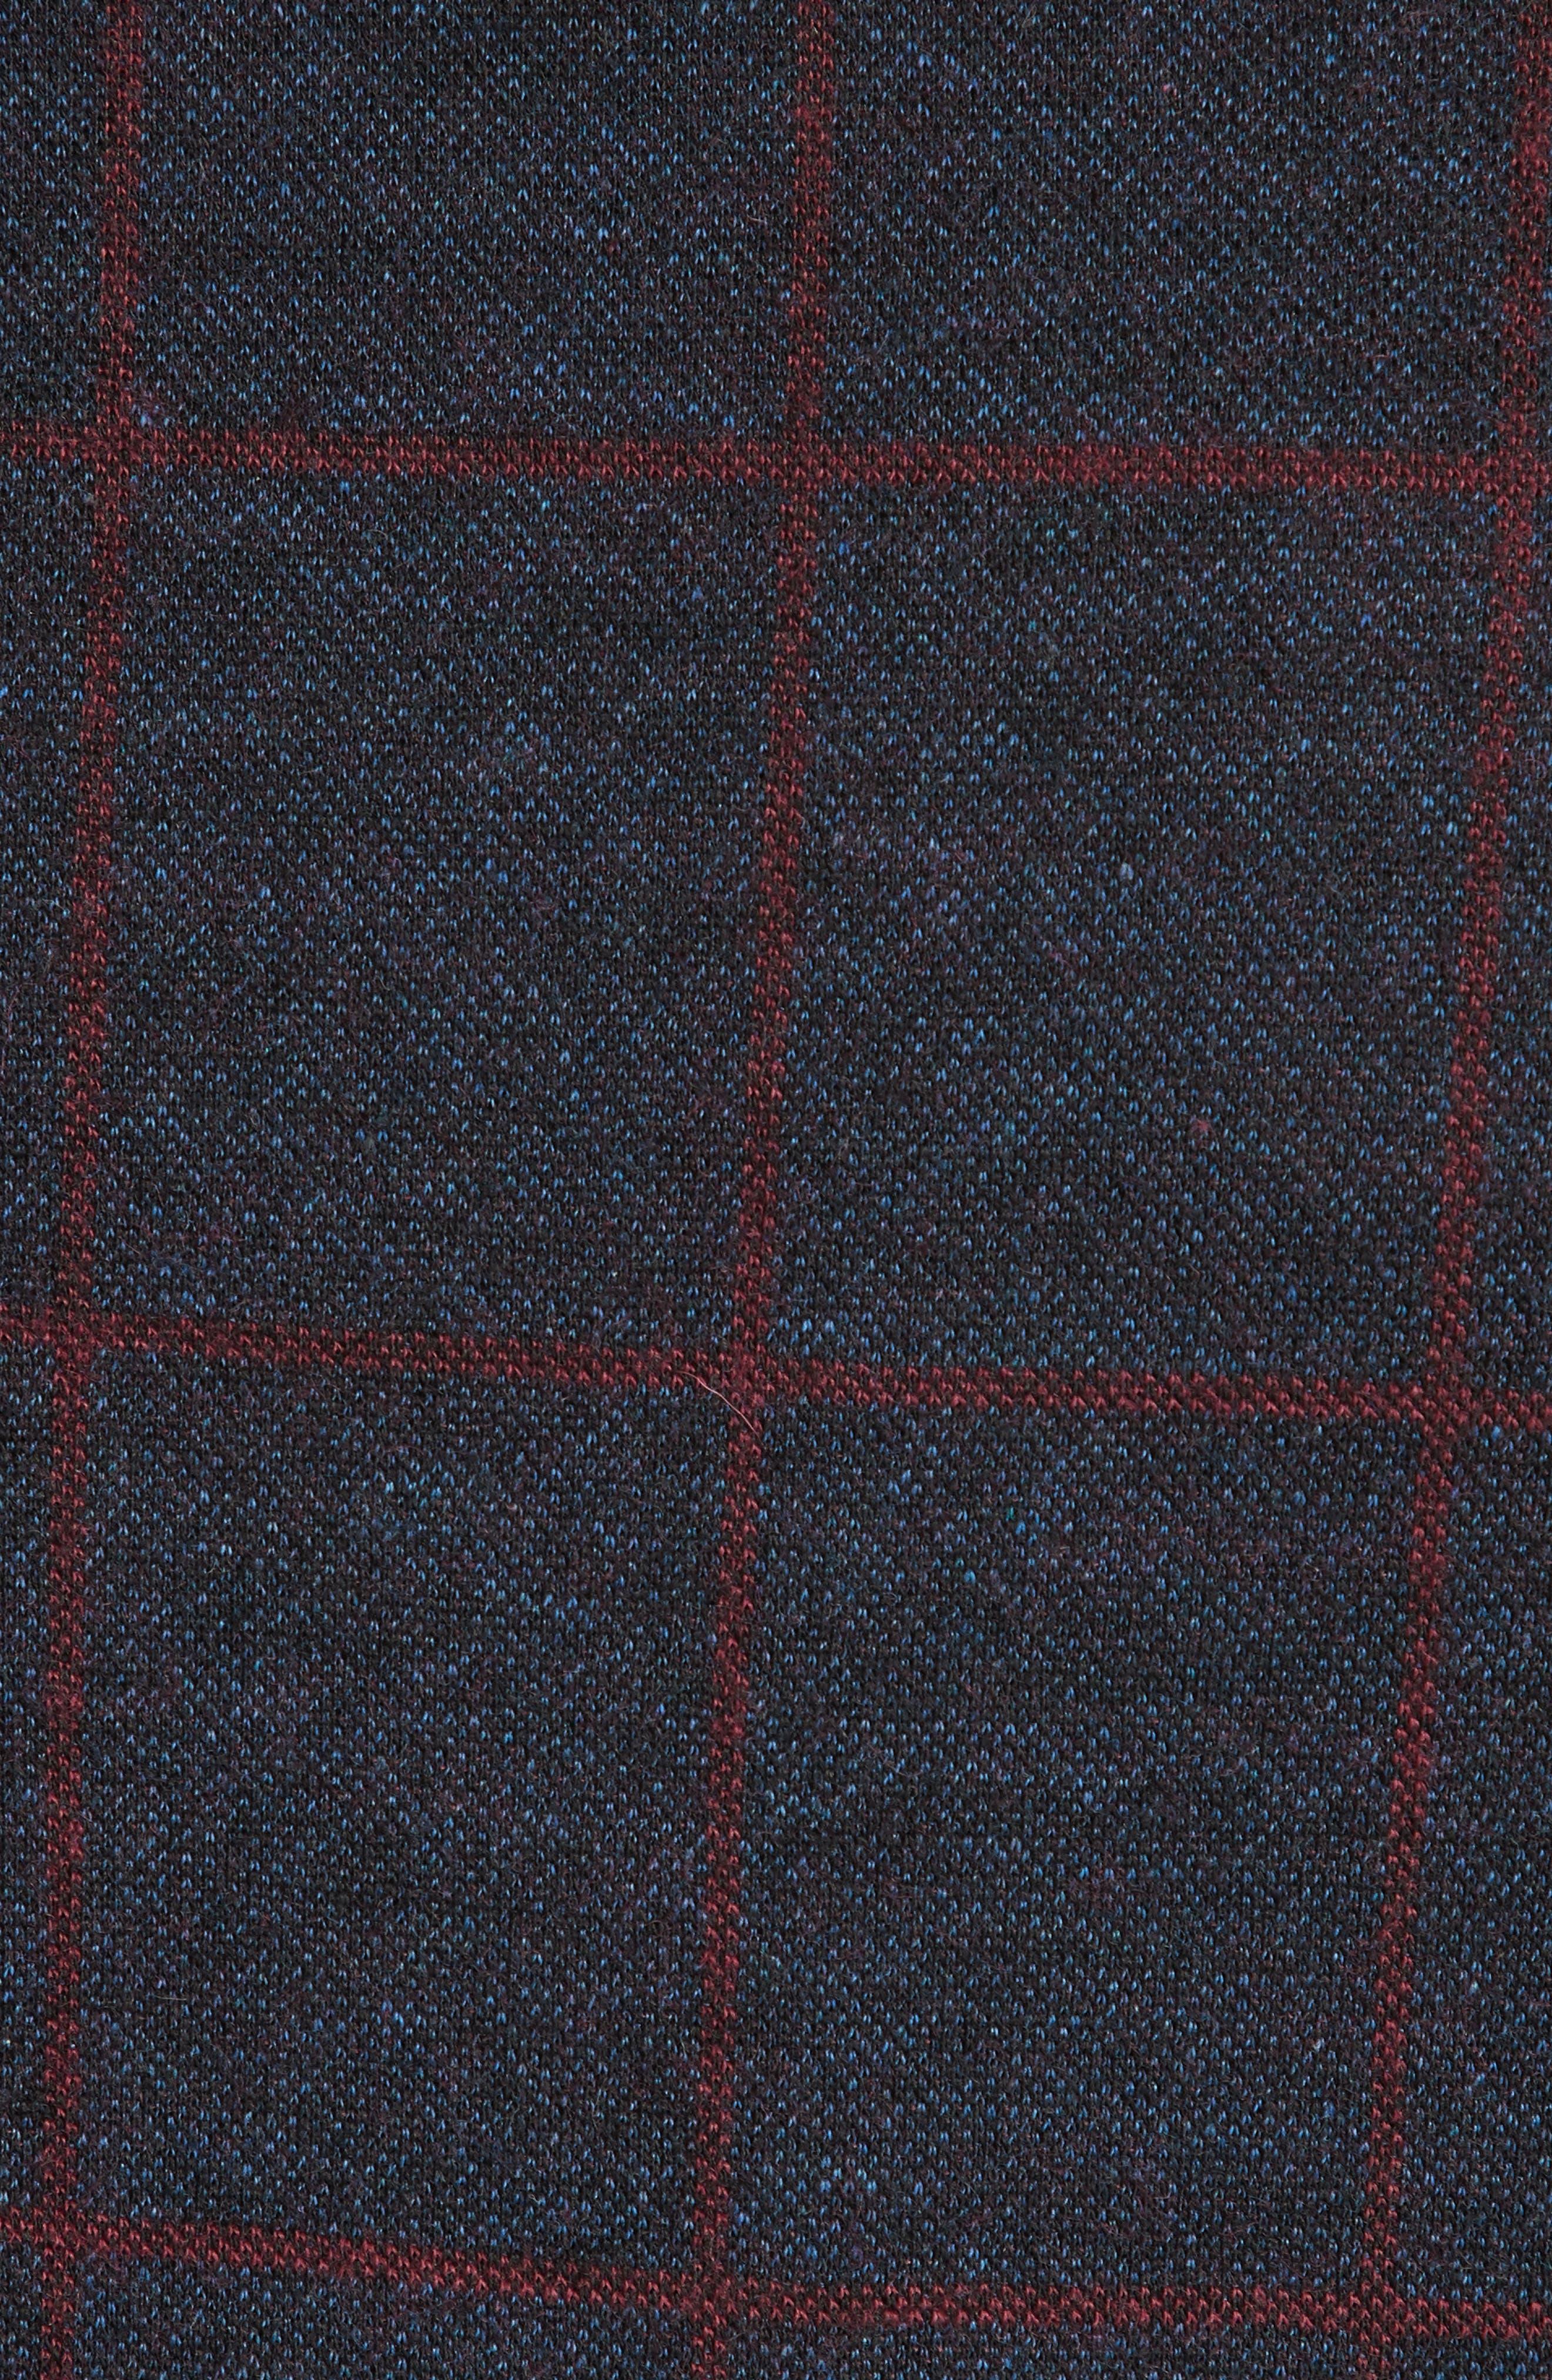 Trim Fit Windowpane Cotton Blend Sport Coat,                             Alternate thumbnail 6, color,                             BLUE MULTI